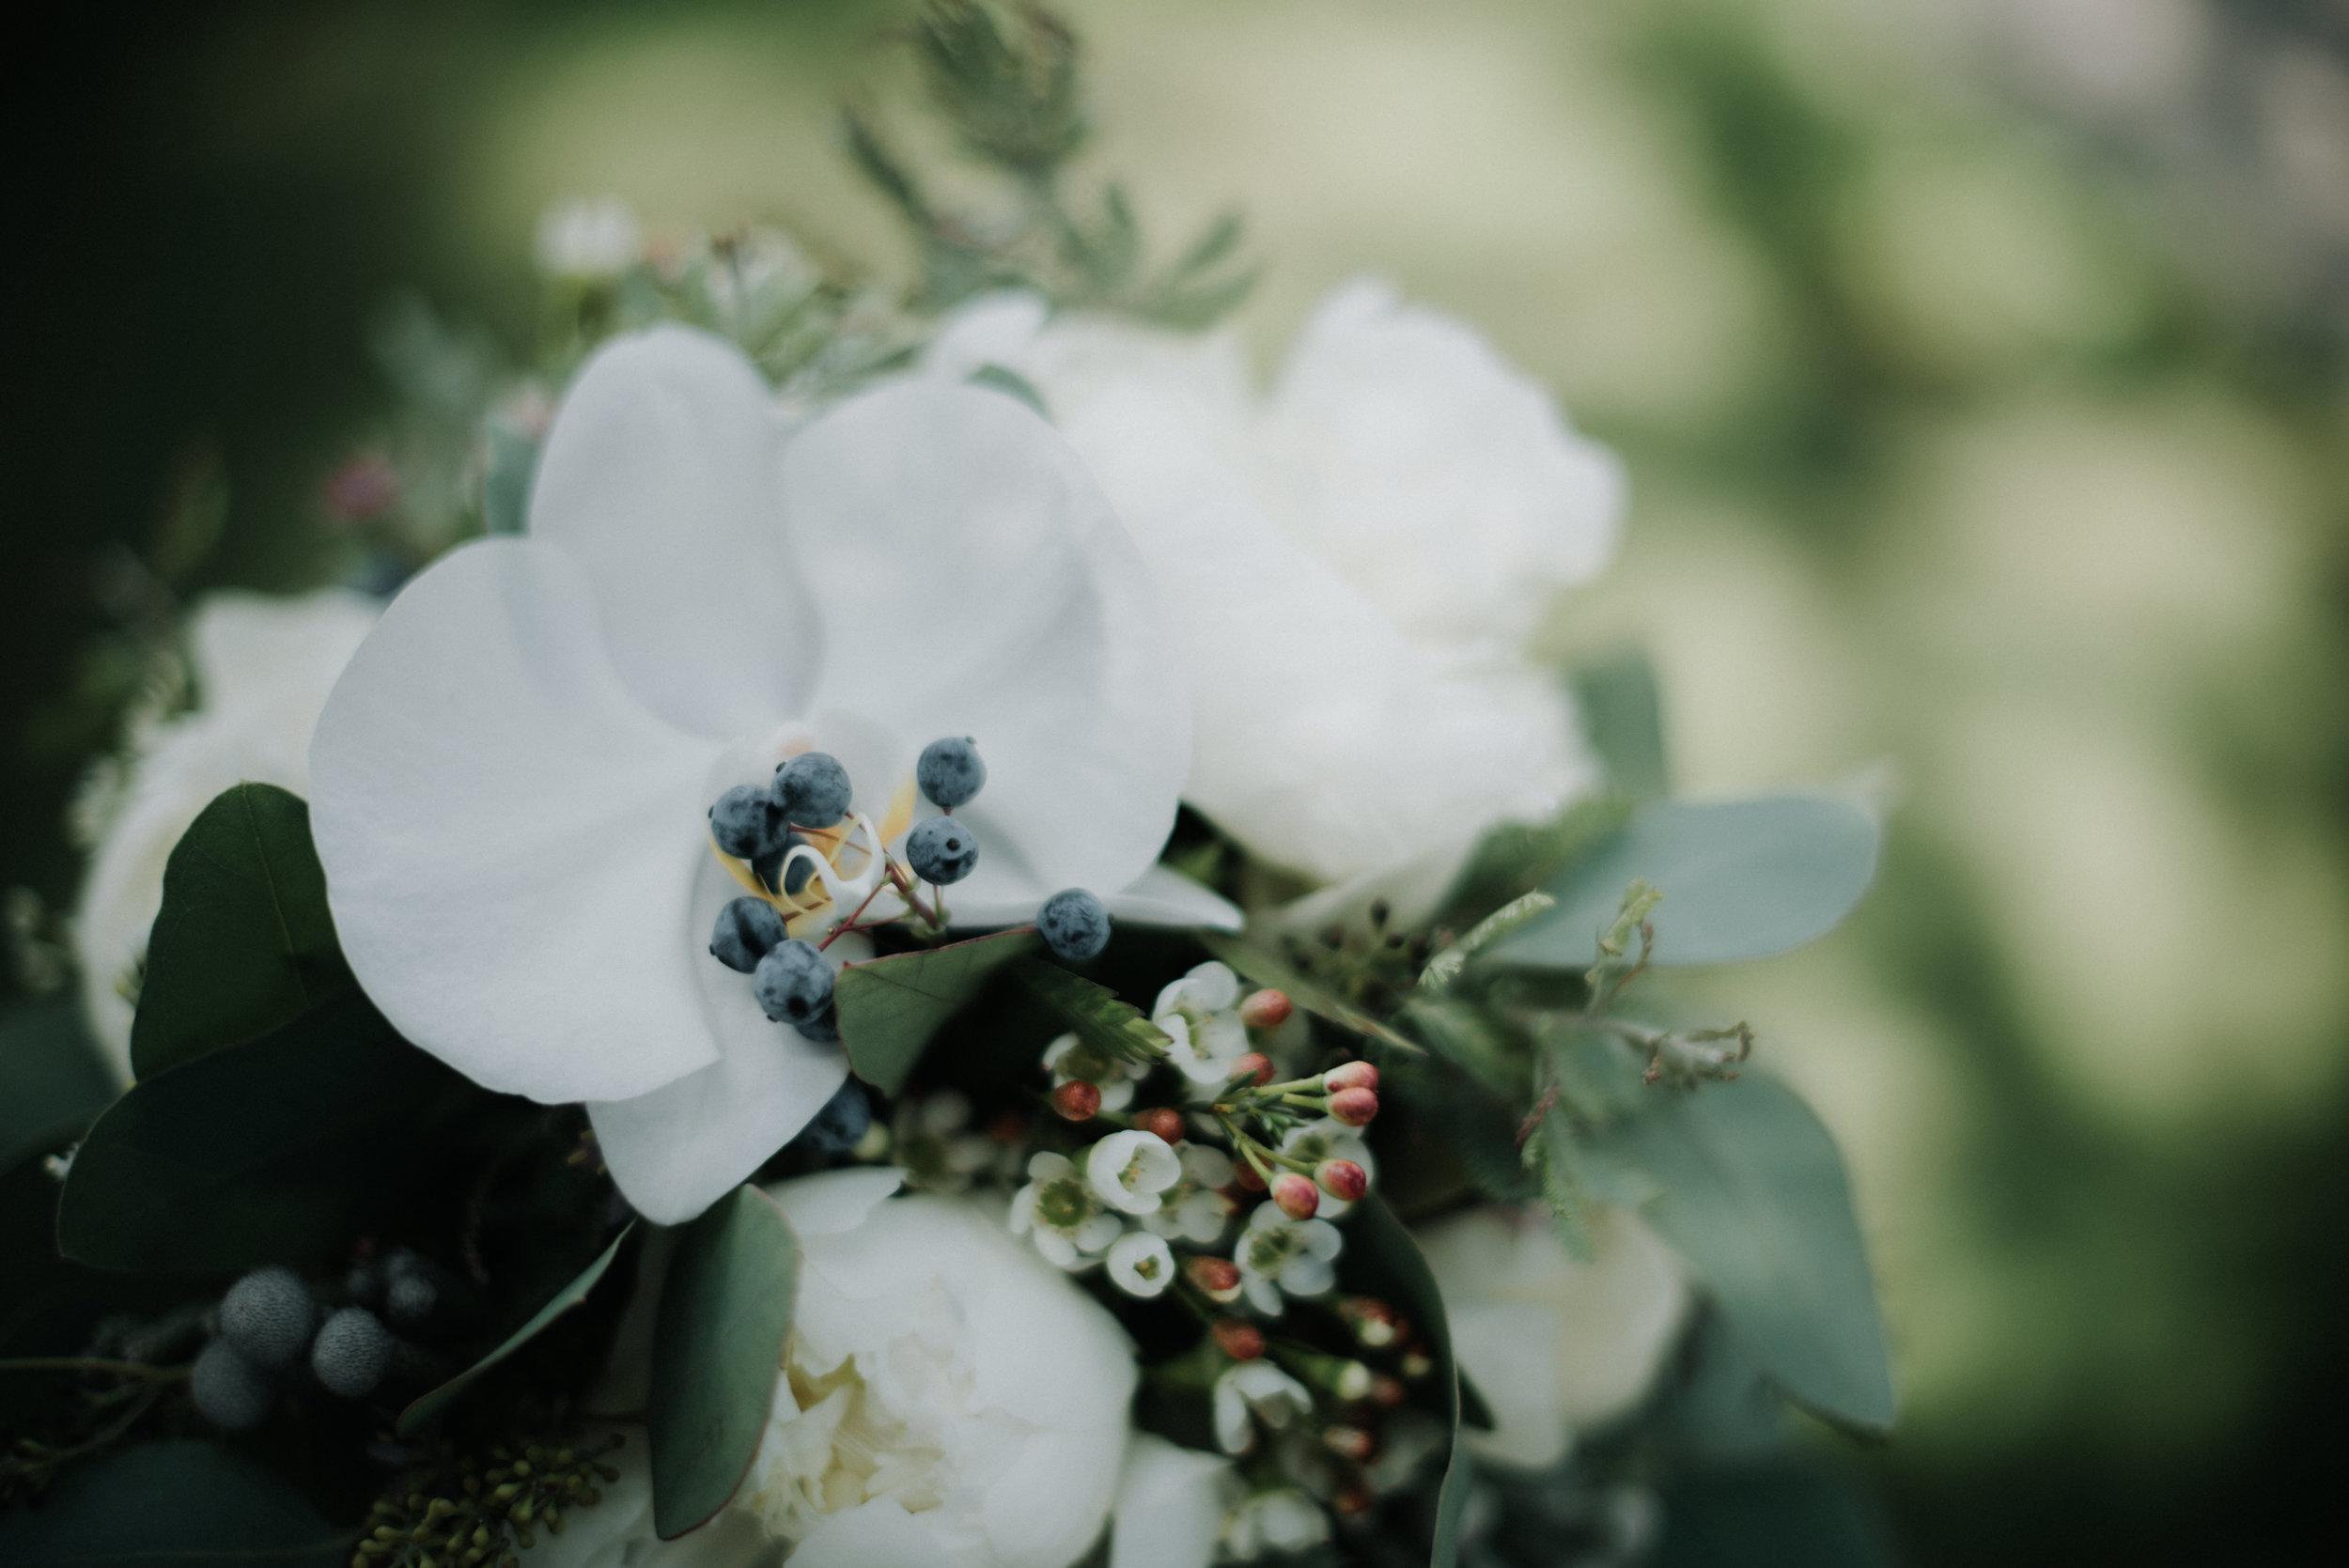 Léa-Fery-photographe-professionnel-lyon-rhone-alpes-portrait-creation-mariage-evenement-evenementiel-famille-8029.jpg